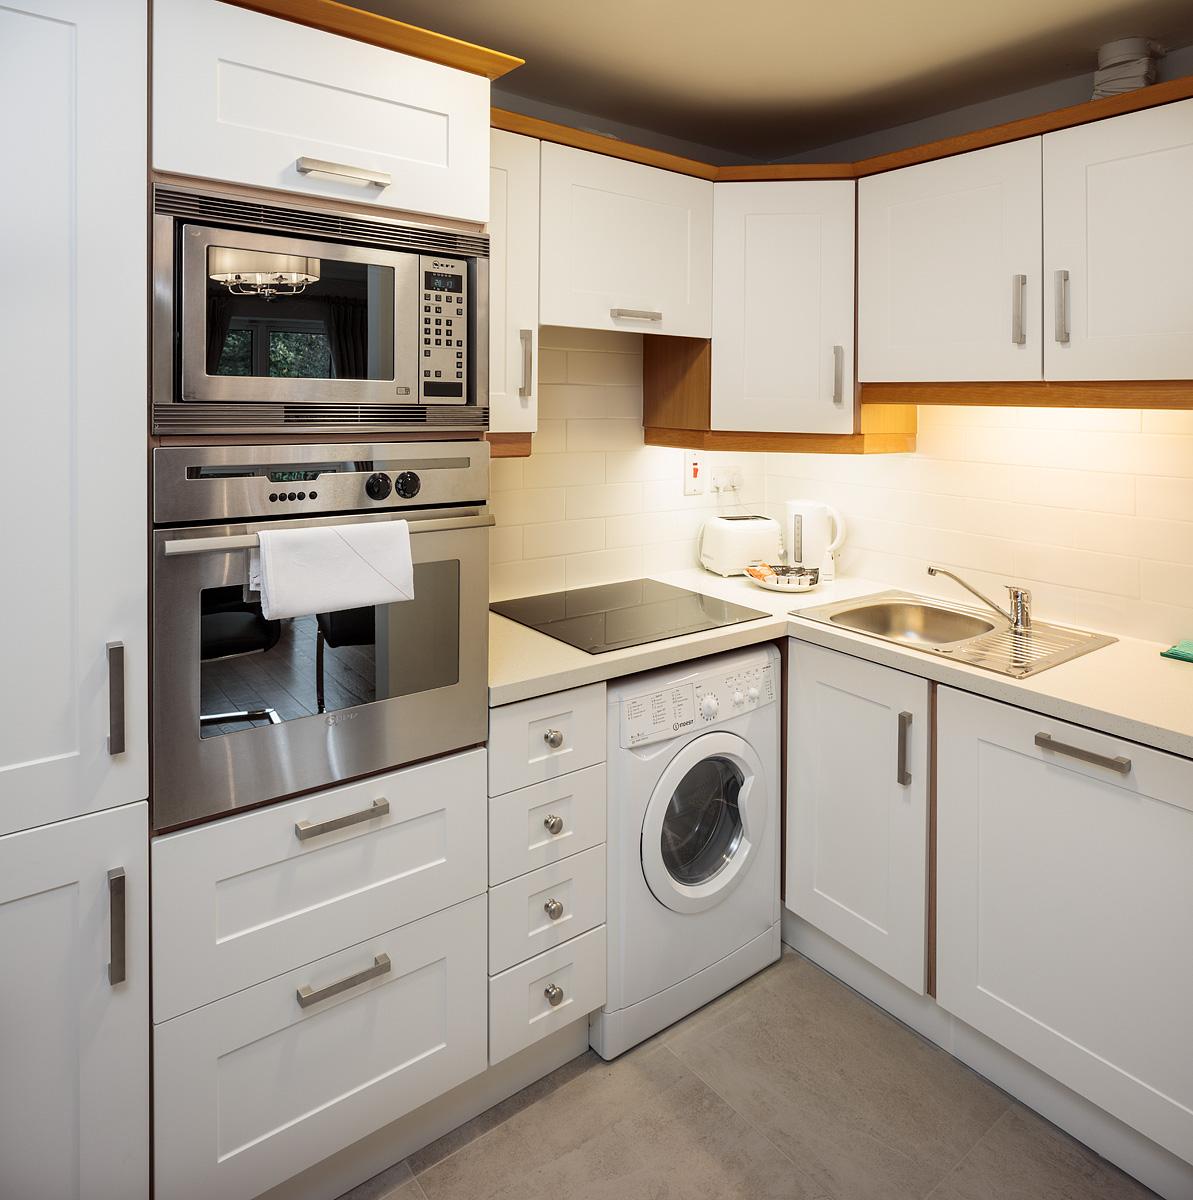 Kitchen at Baggot Rath House Apartments, Ballsbridge, Dublin